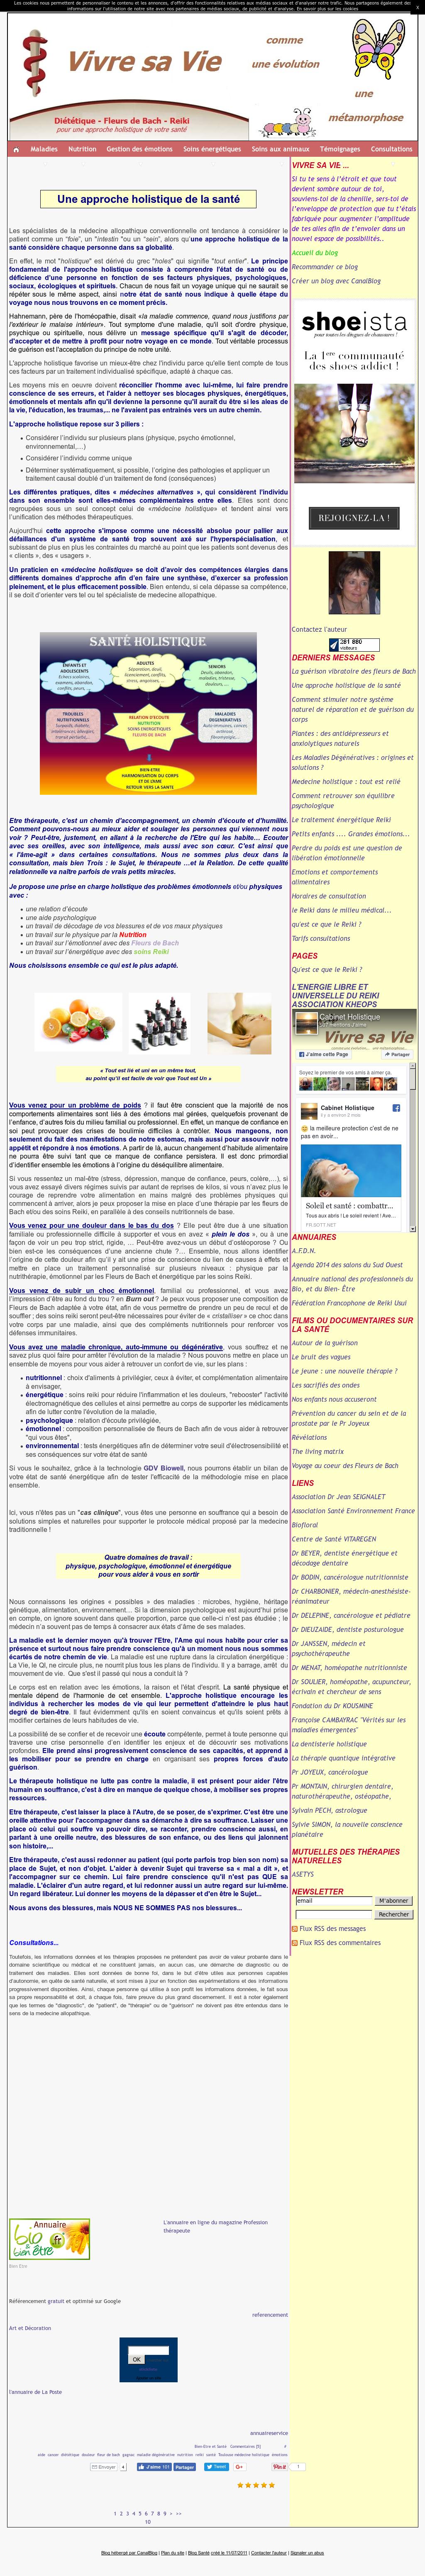 Art De L Ame Toulouse cabinet holistique kheops competitors, revenue and employees